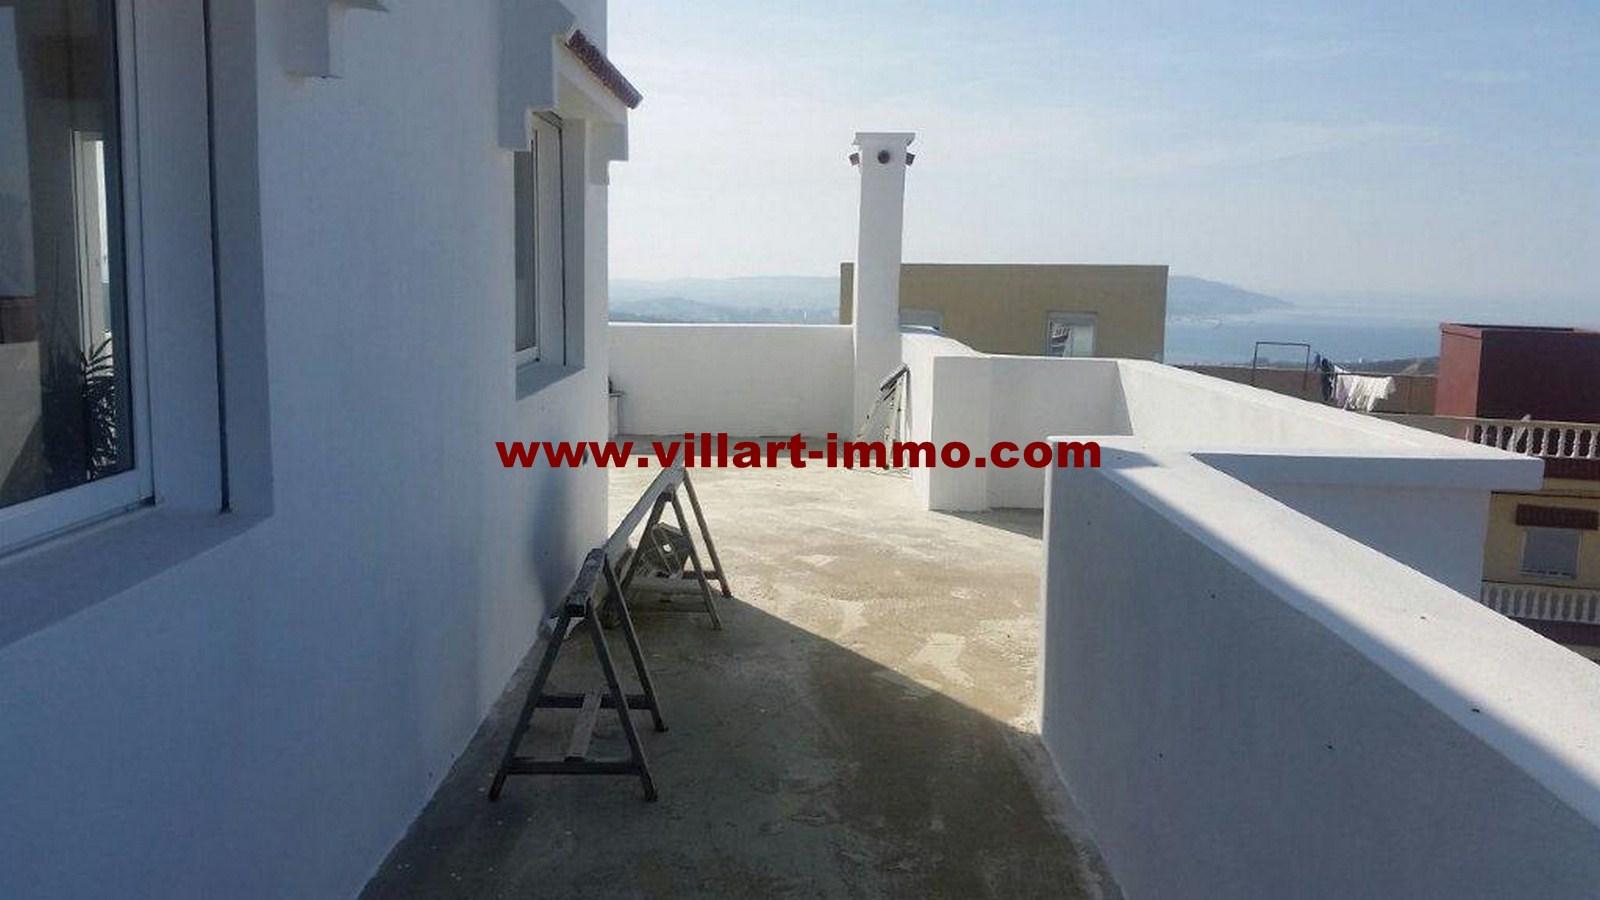 12-vente-villa-tanger-autres-terrasse-1-vv454-villart-immo